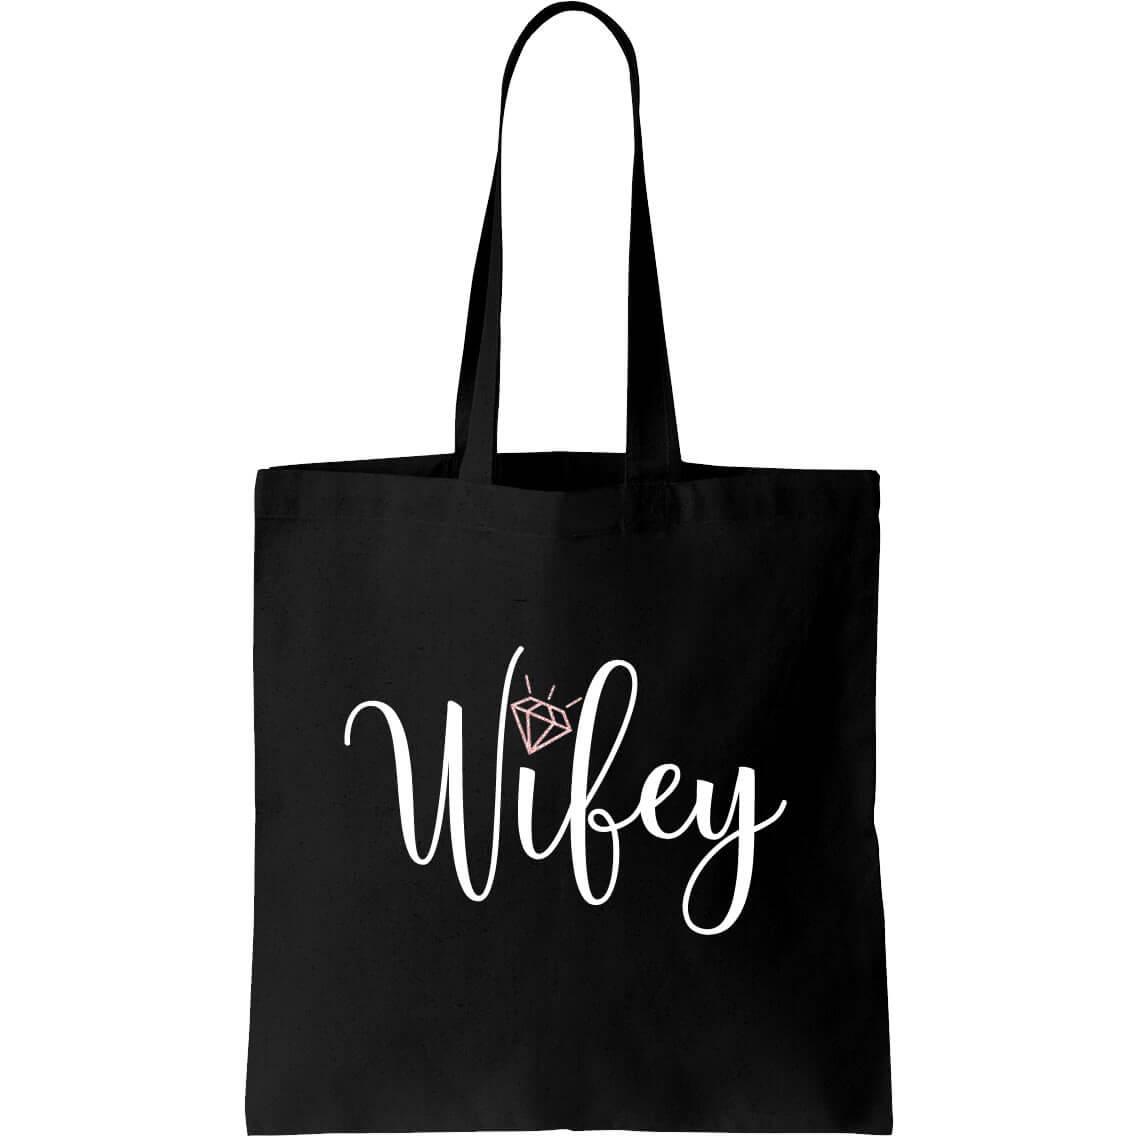 Quot Wifey Quot Canvas Tote Bag Script Personalized Brides